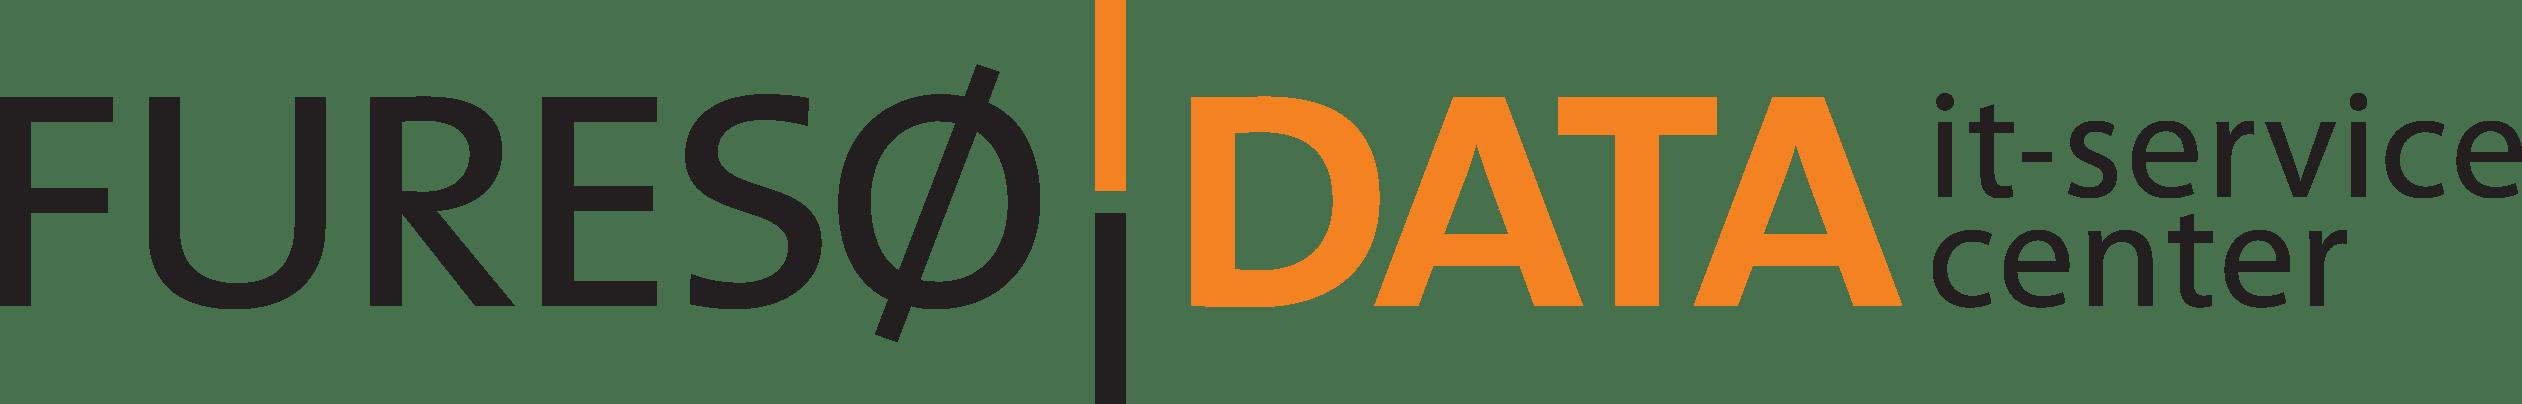 Furesø Data